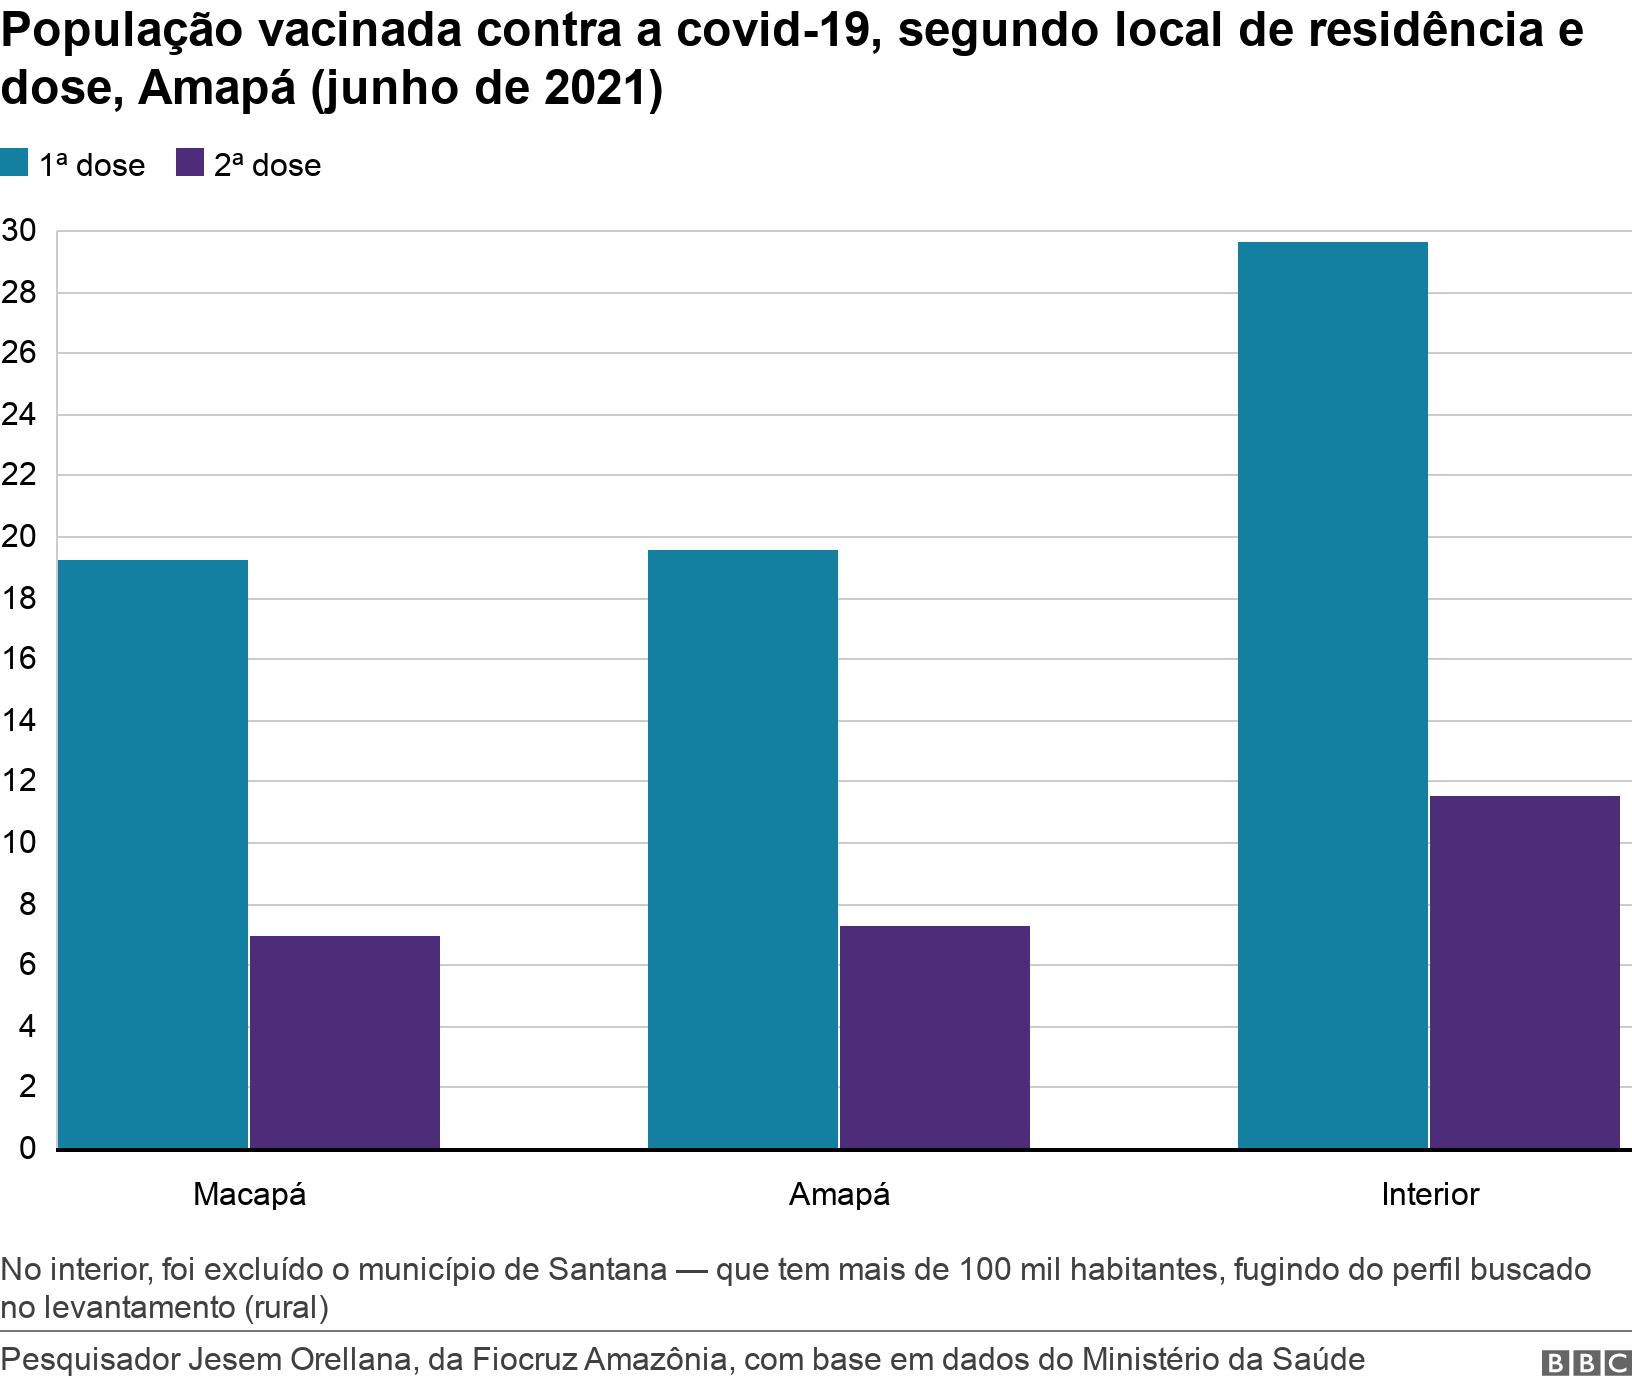 População vacinada contra a covid-19, segundo local de residência e dose, Amapá (junho de 2021). .  No interior, foi excluído o município de Santana — que tem mais de 100 mil habitantes, fugindo do perfil buscado no levantamento (rural).